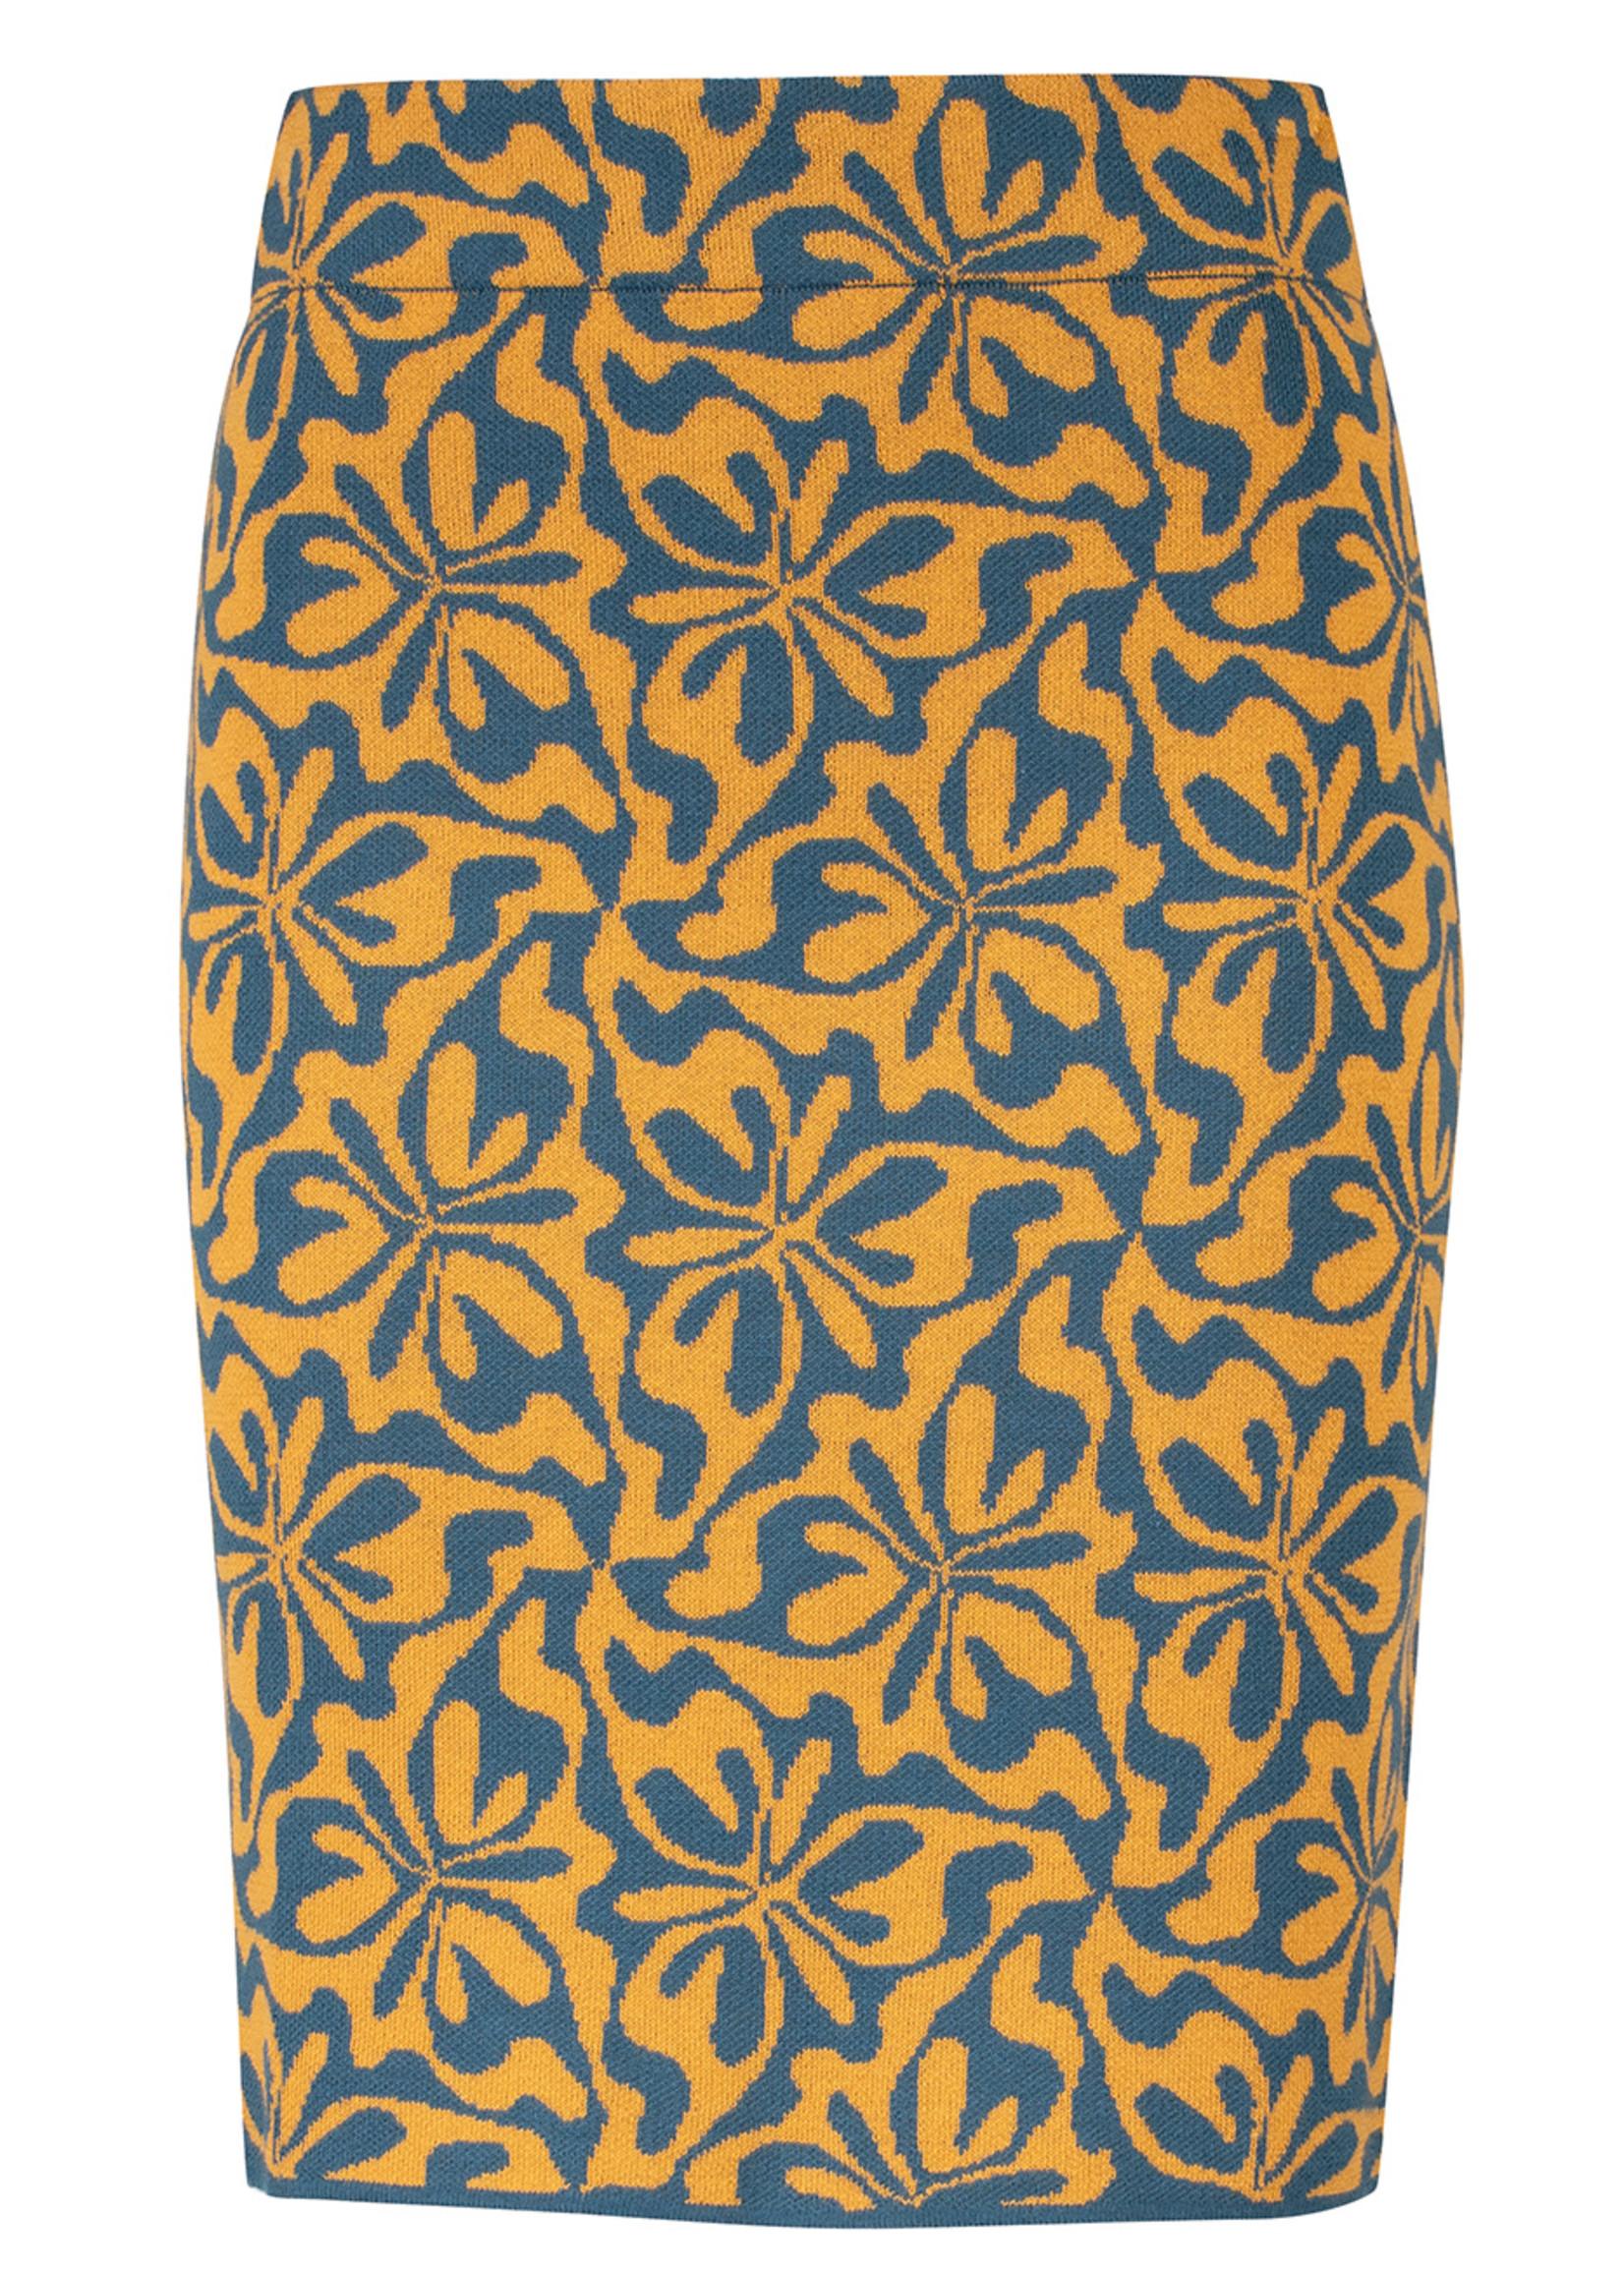 Zilch Zilch Knit Patterned Skirt